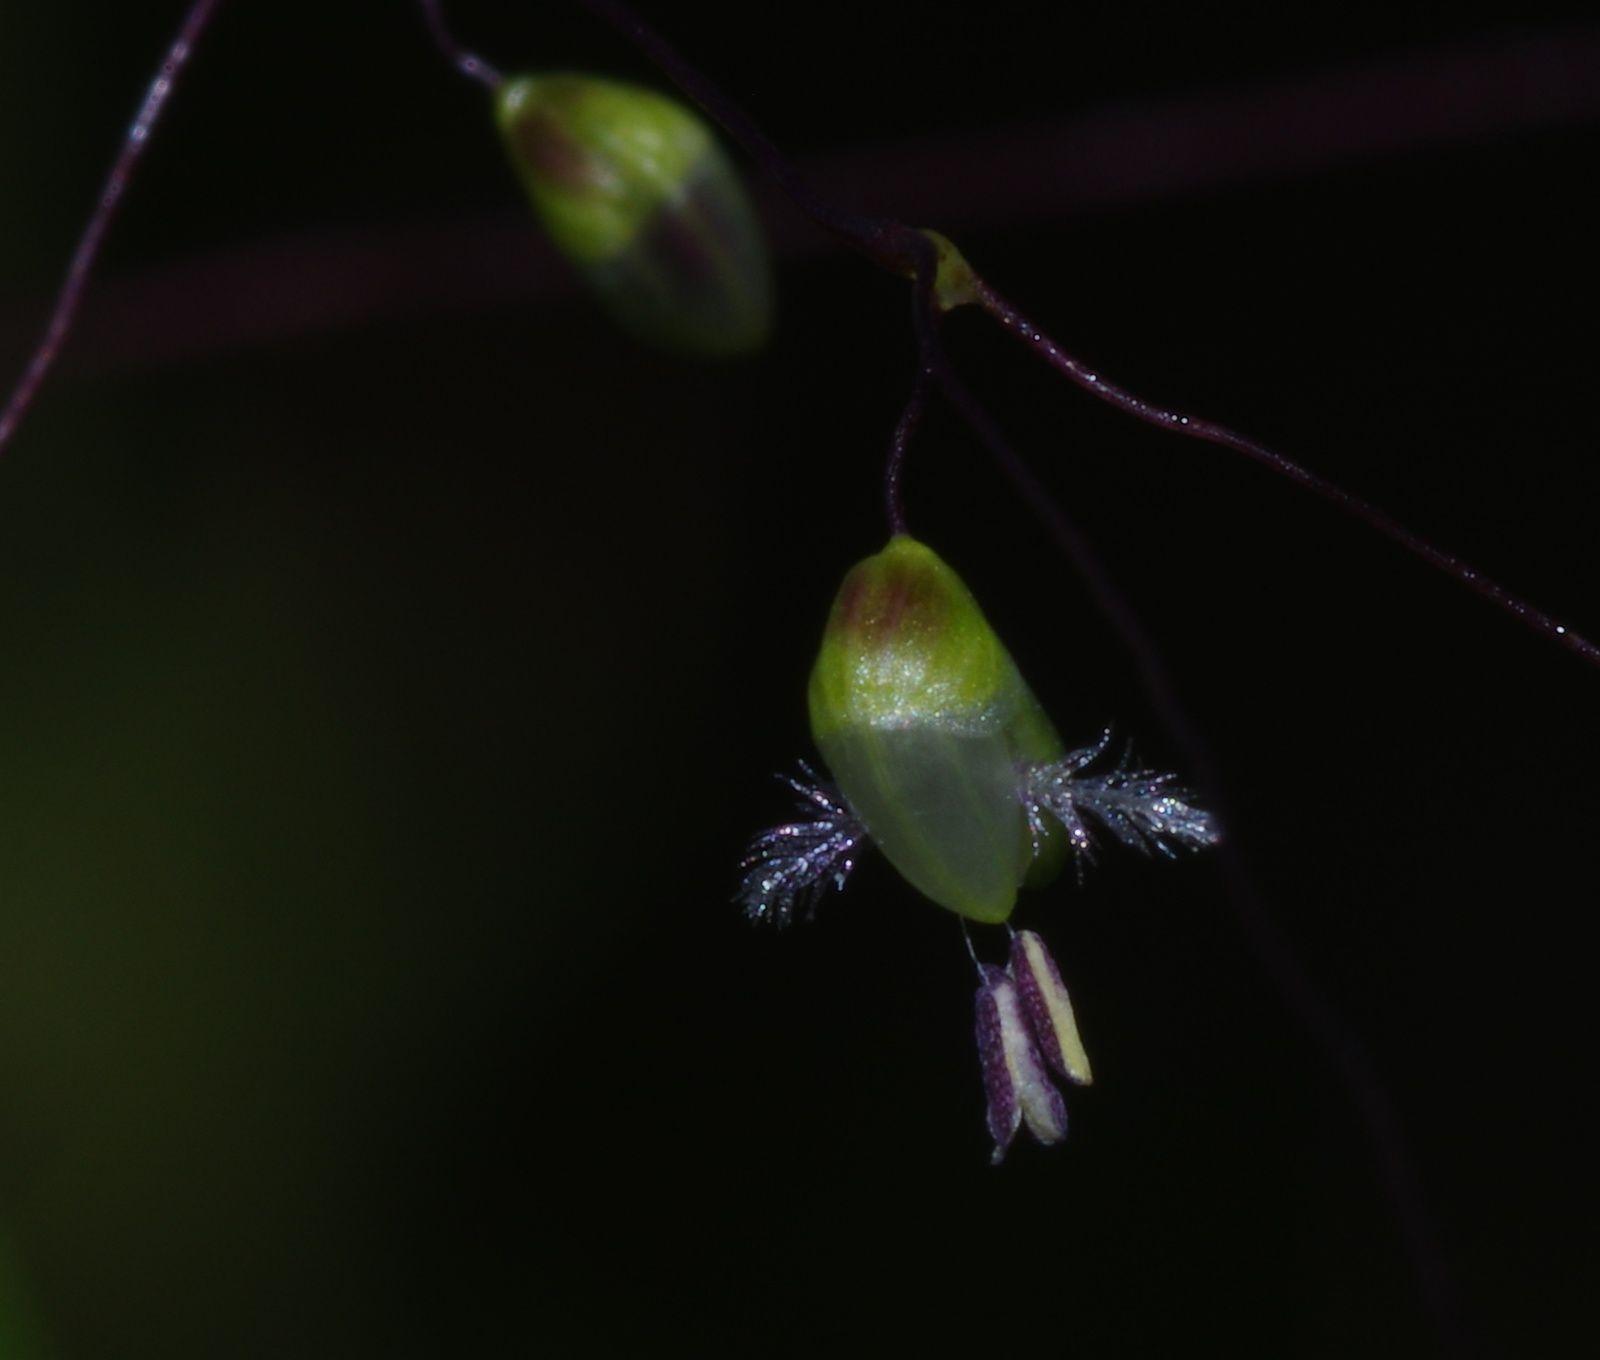 Otachyrium succisum